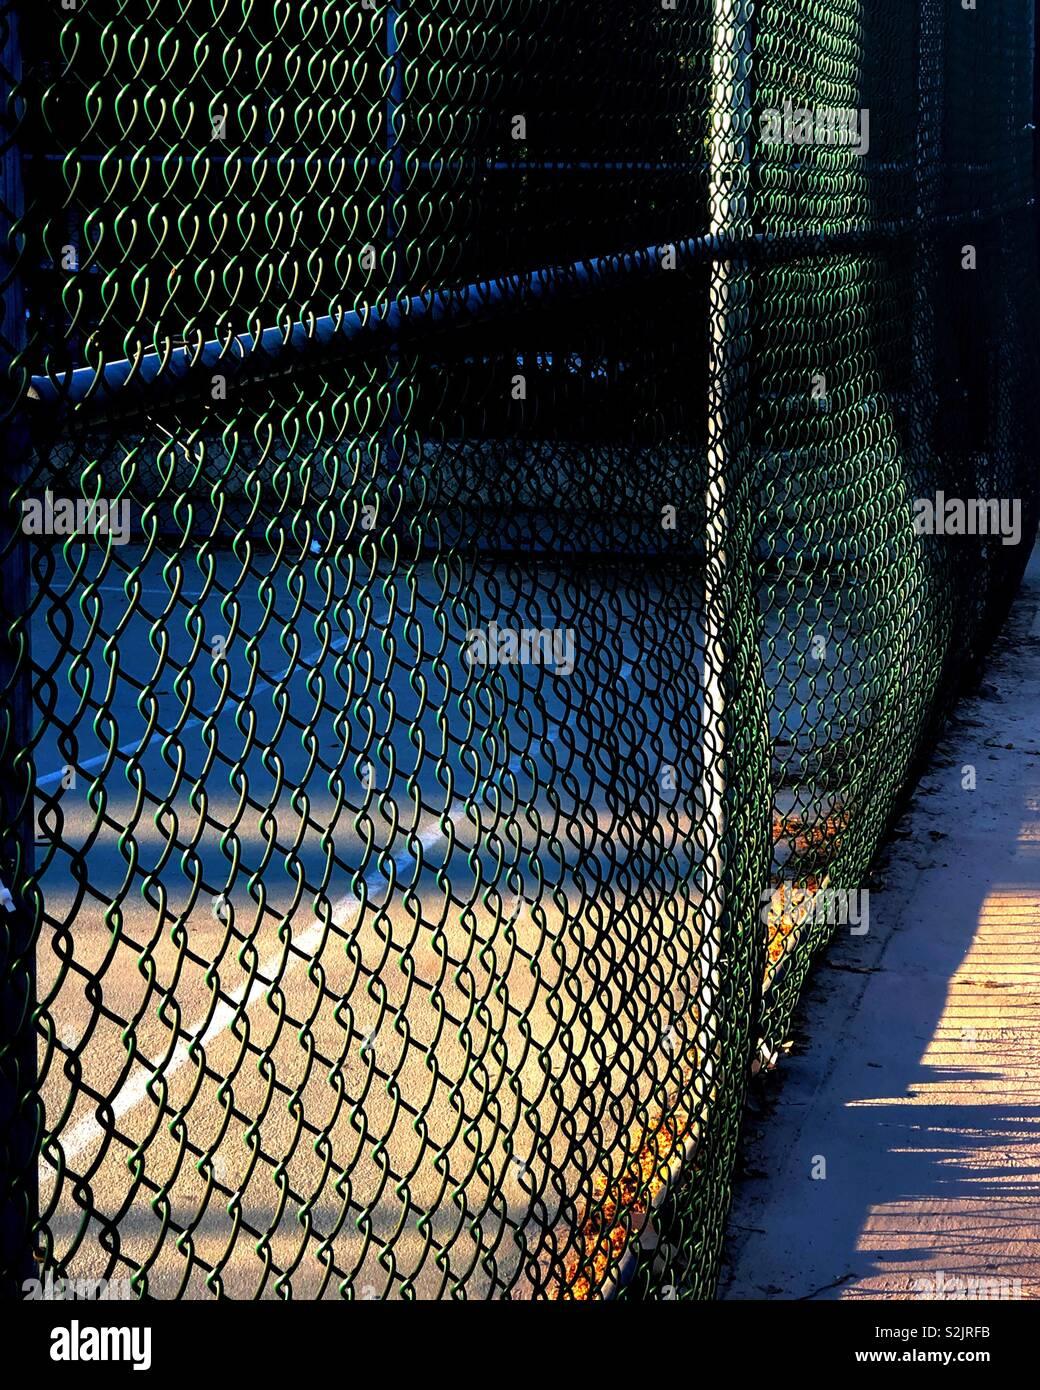 Sunrise jette des ombres sur un terrain de basket et la clôture entourant Photo Stock